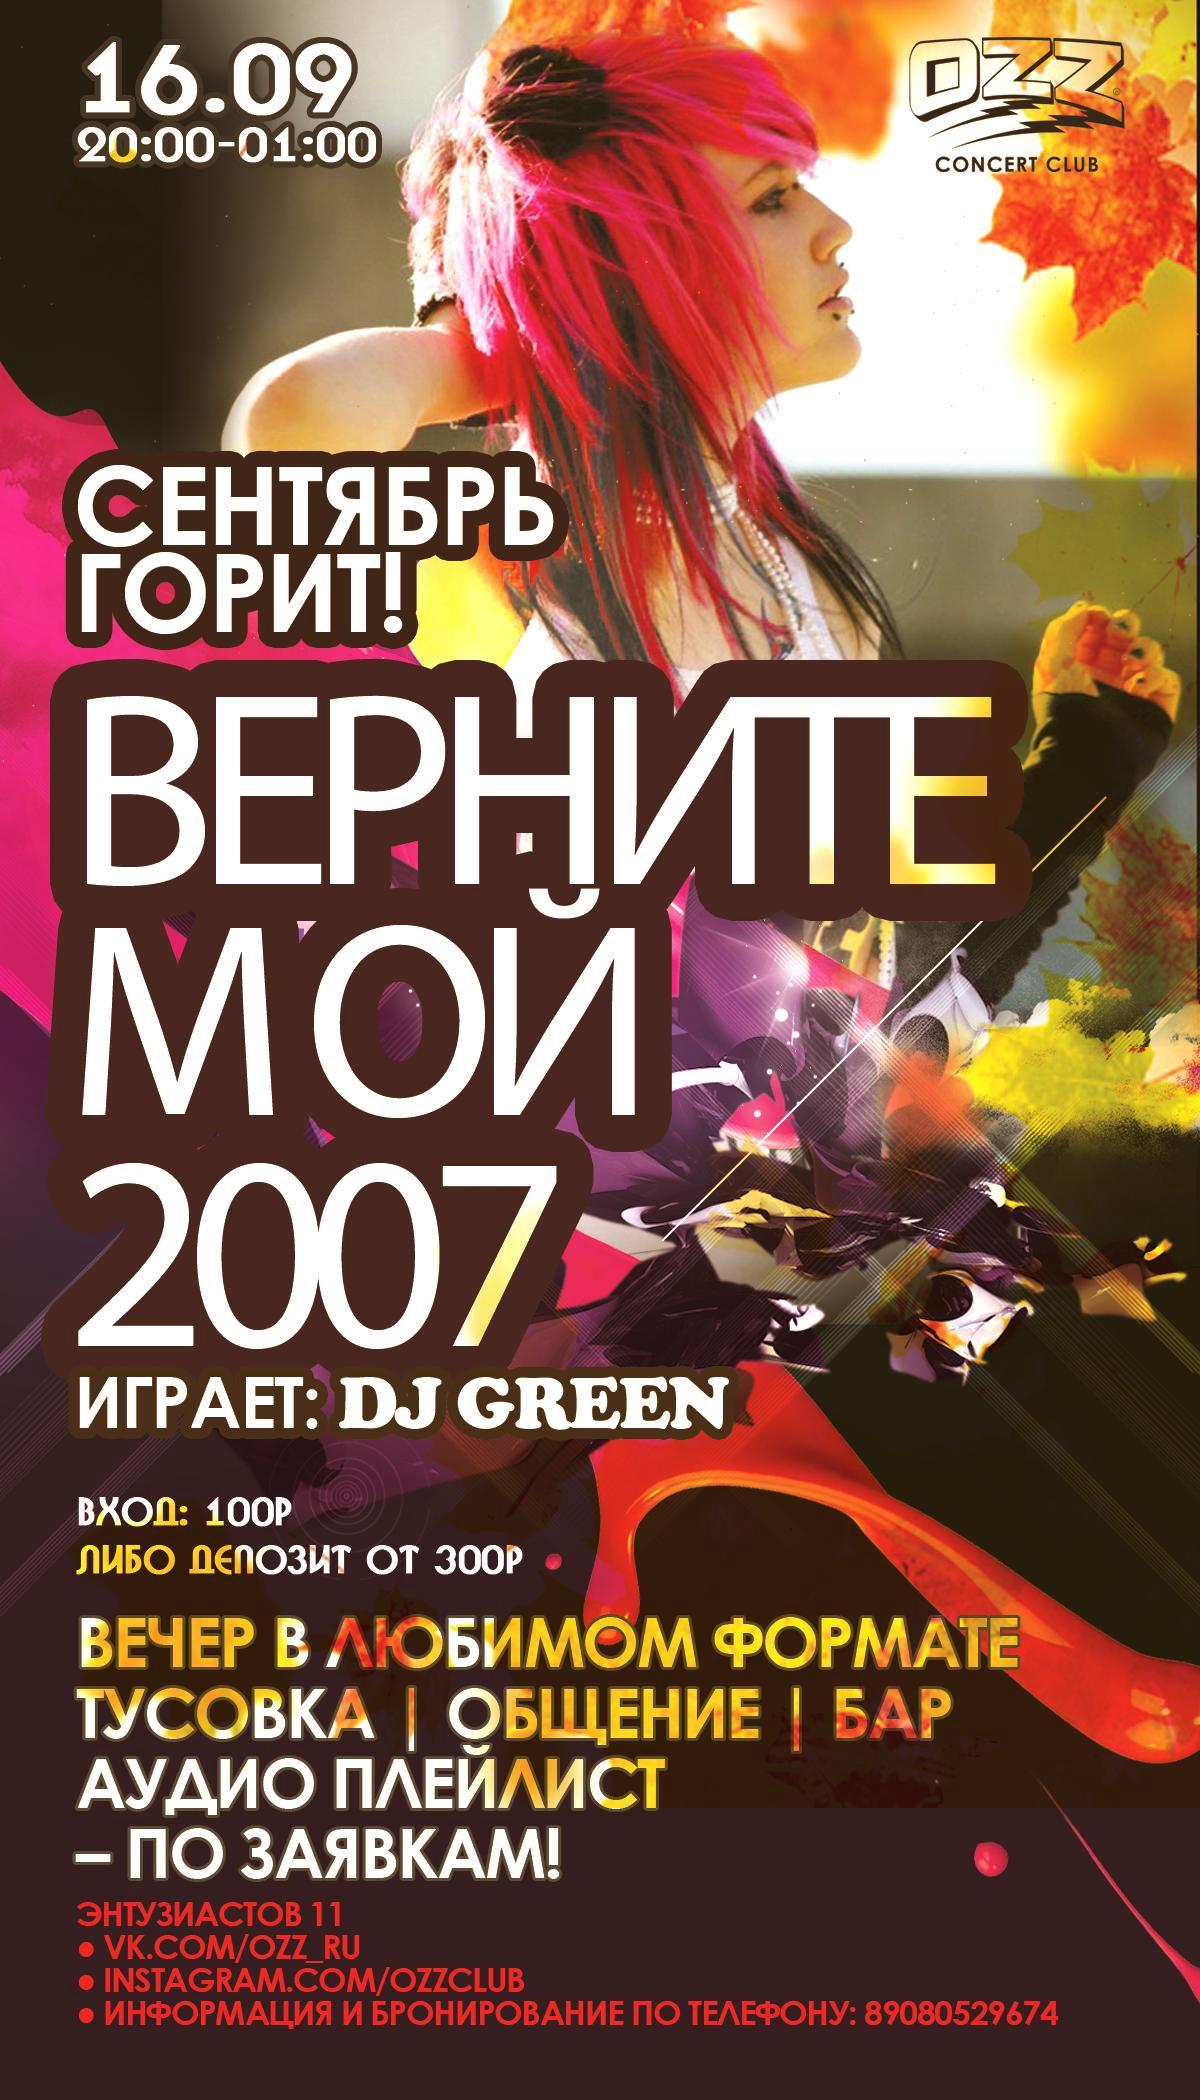 Афиша 16.09 / Верните мой 2007!